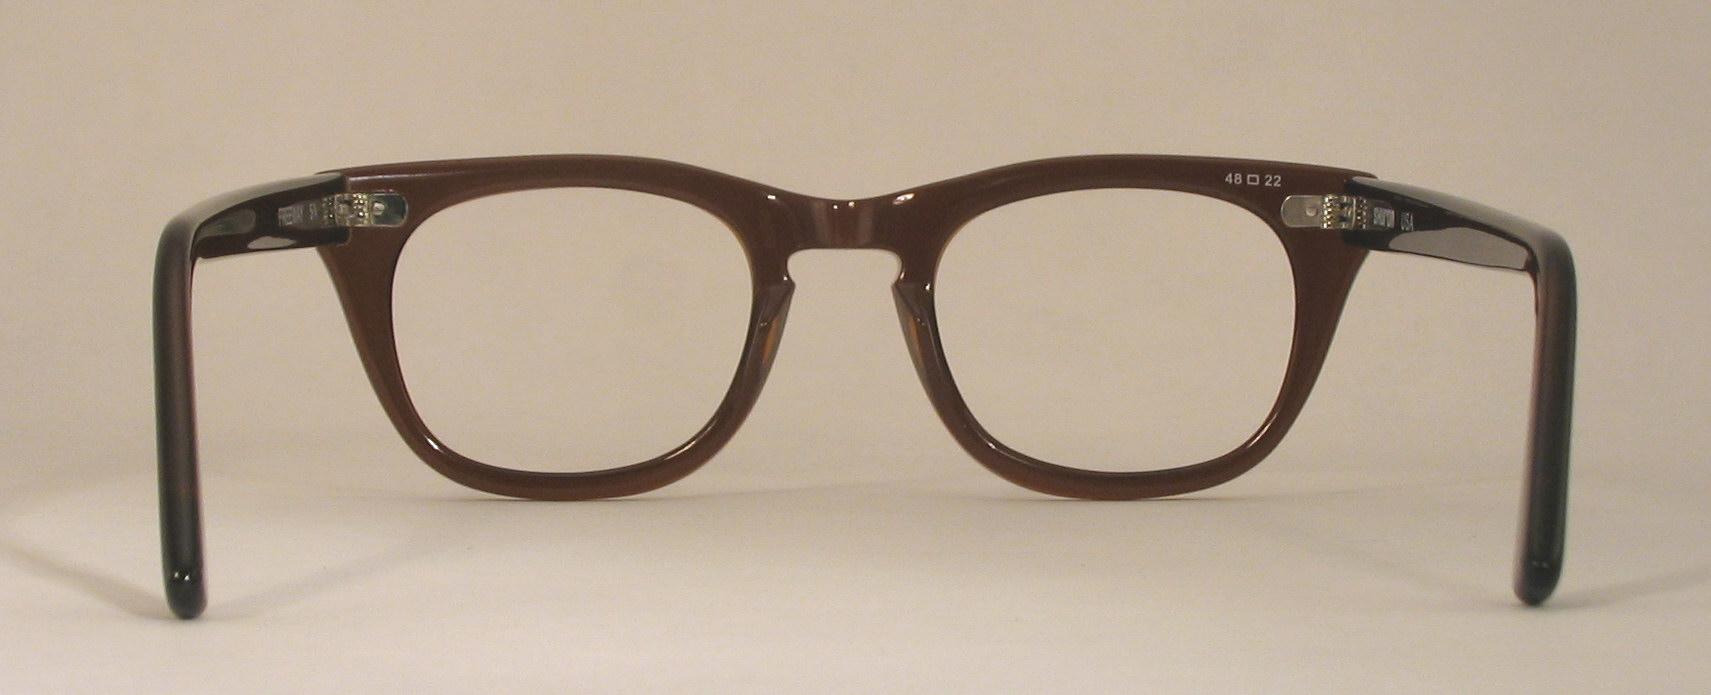 Eyeglass Frame Database : MEN S PLASTIC EYEGLASS FRAMES - EYEGLASSES